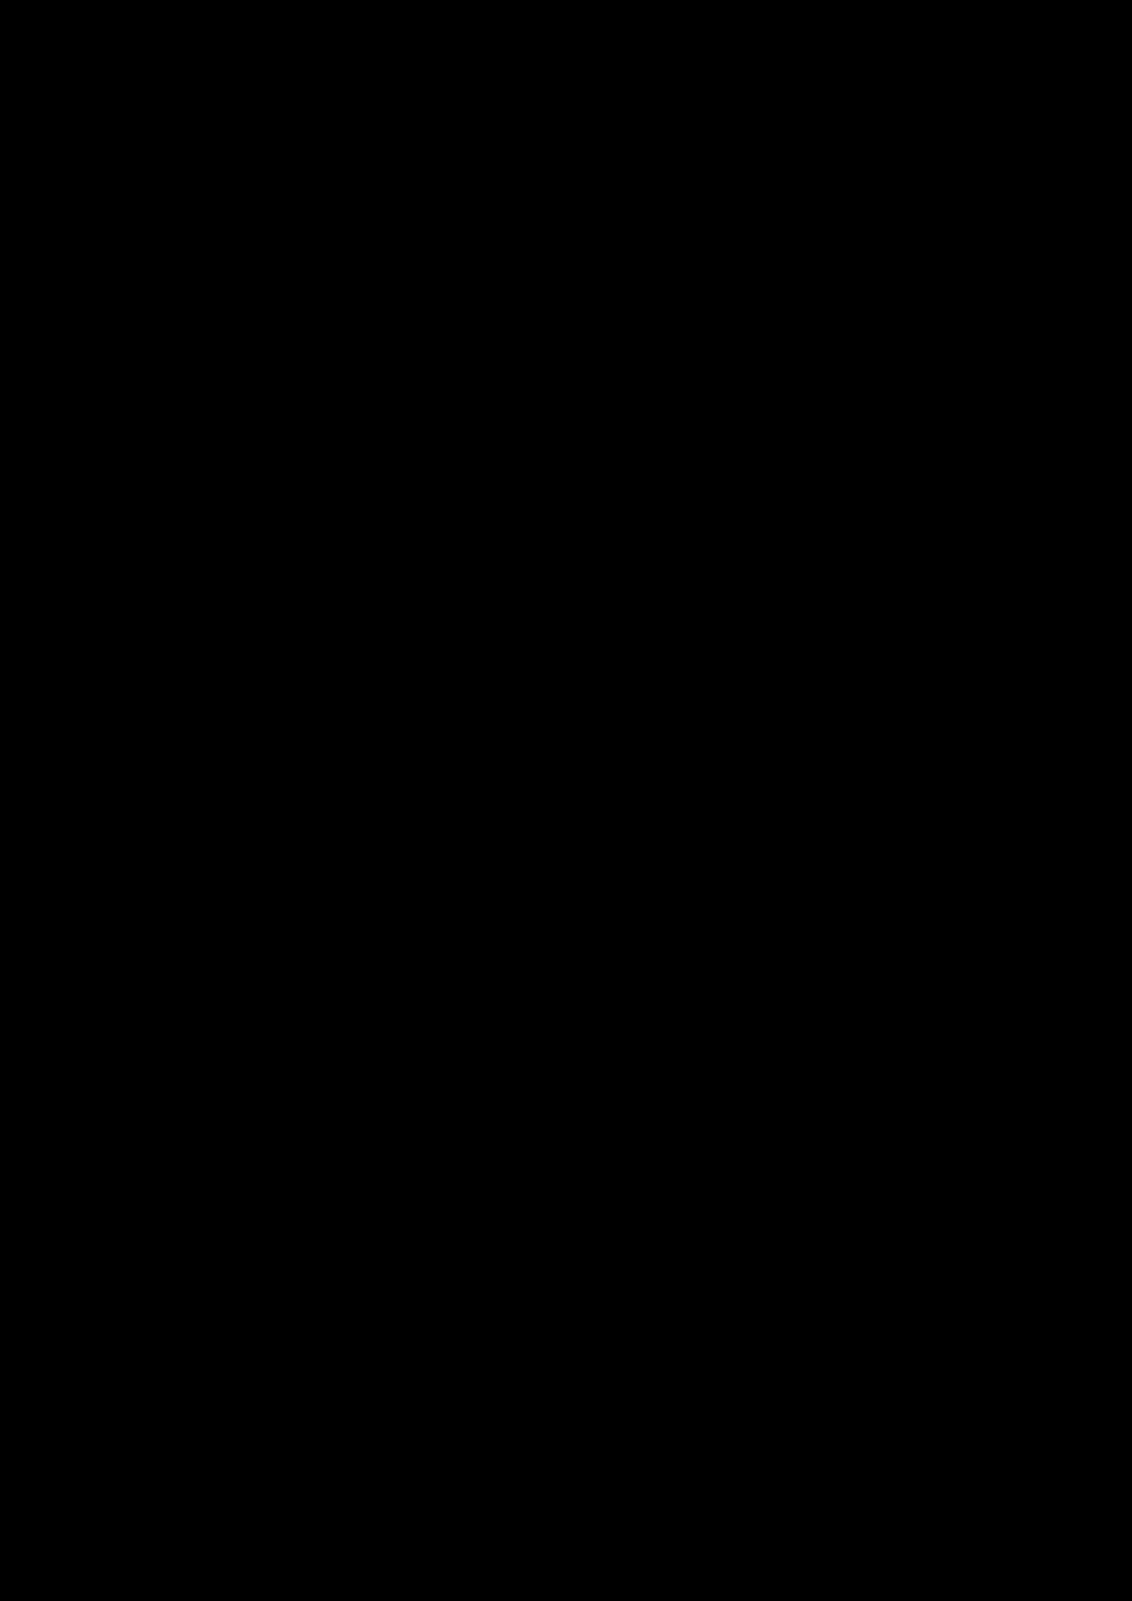 Vyibor Est slide, Image 22